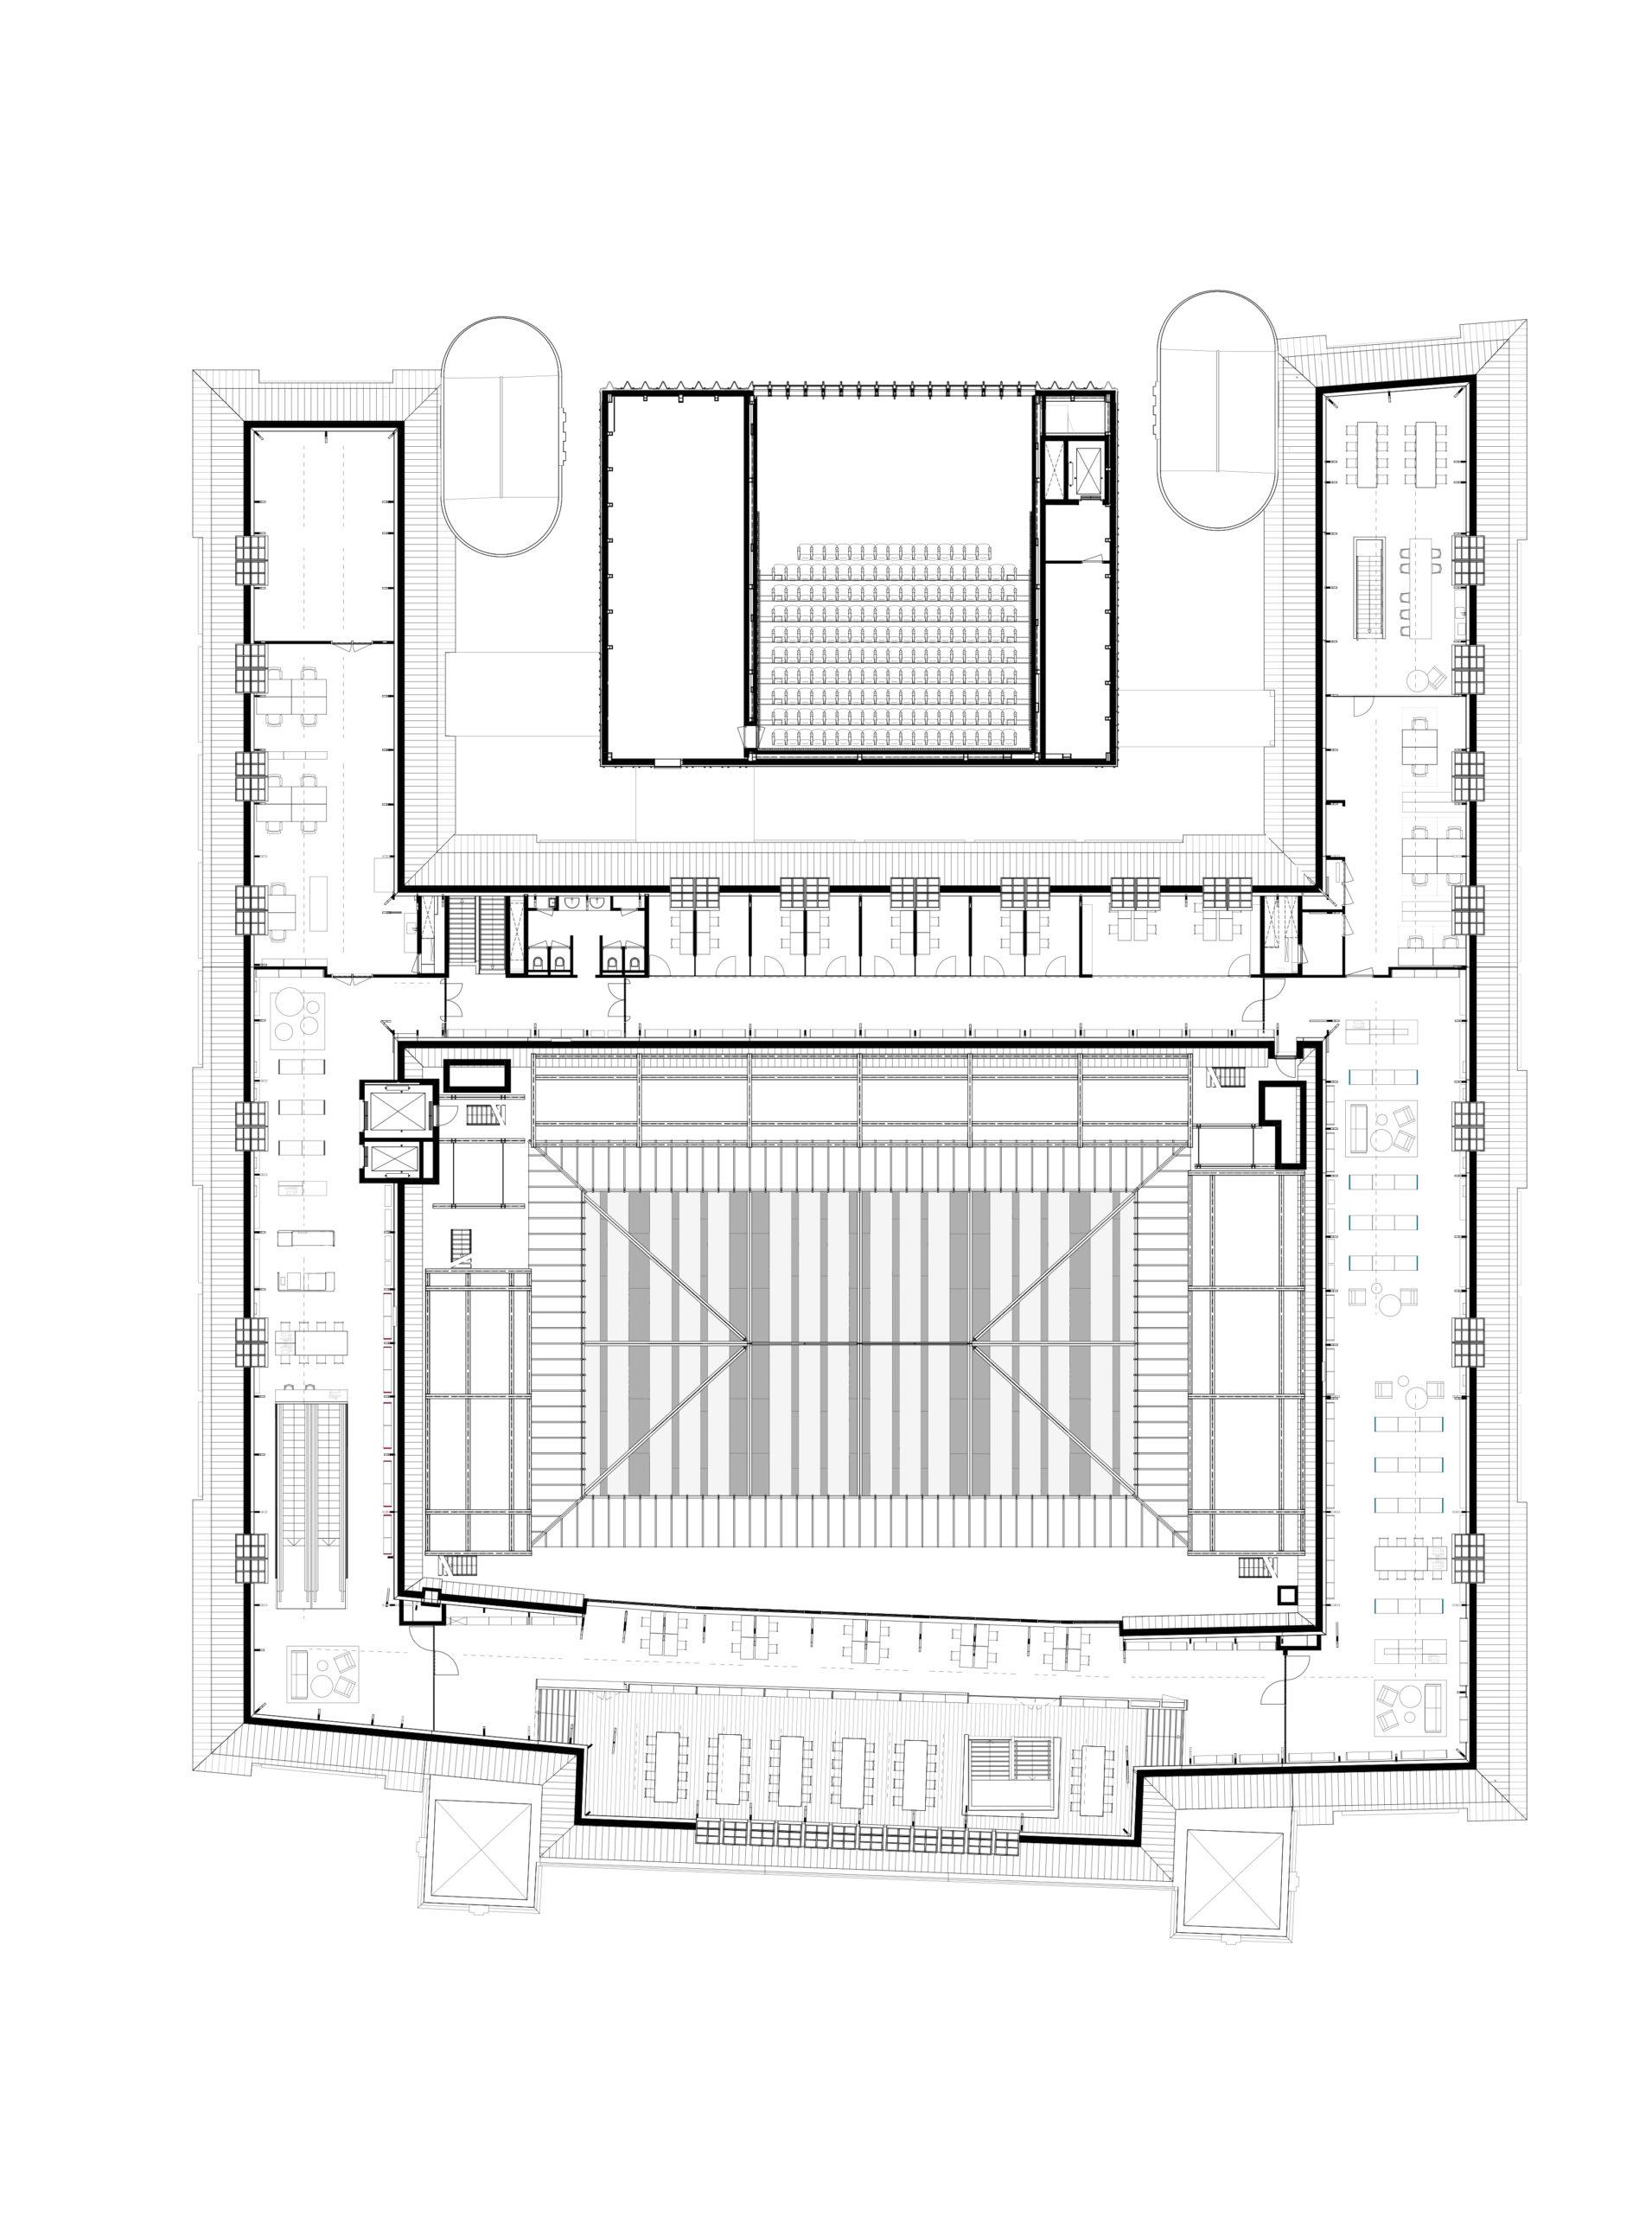 ZECC-RIJNBOUTT-Bibliotheek Utrecht-plattegrond 3e-alleen voor digitaal gebruik